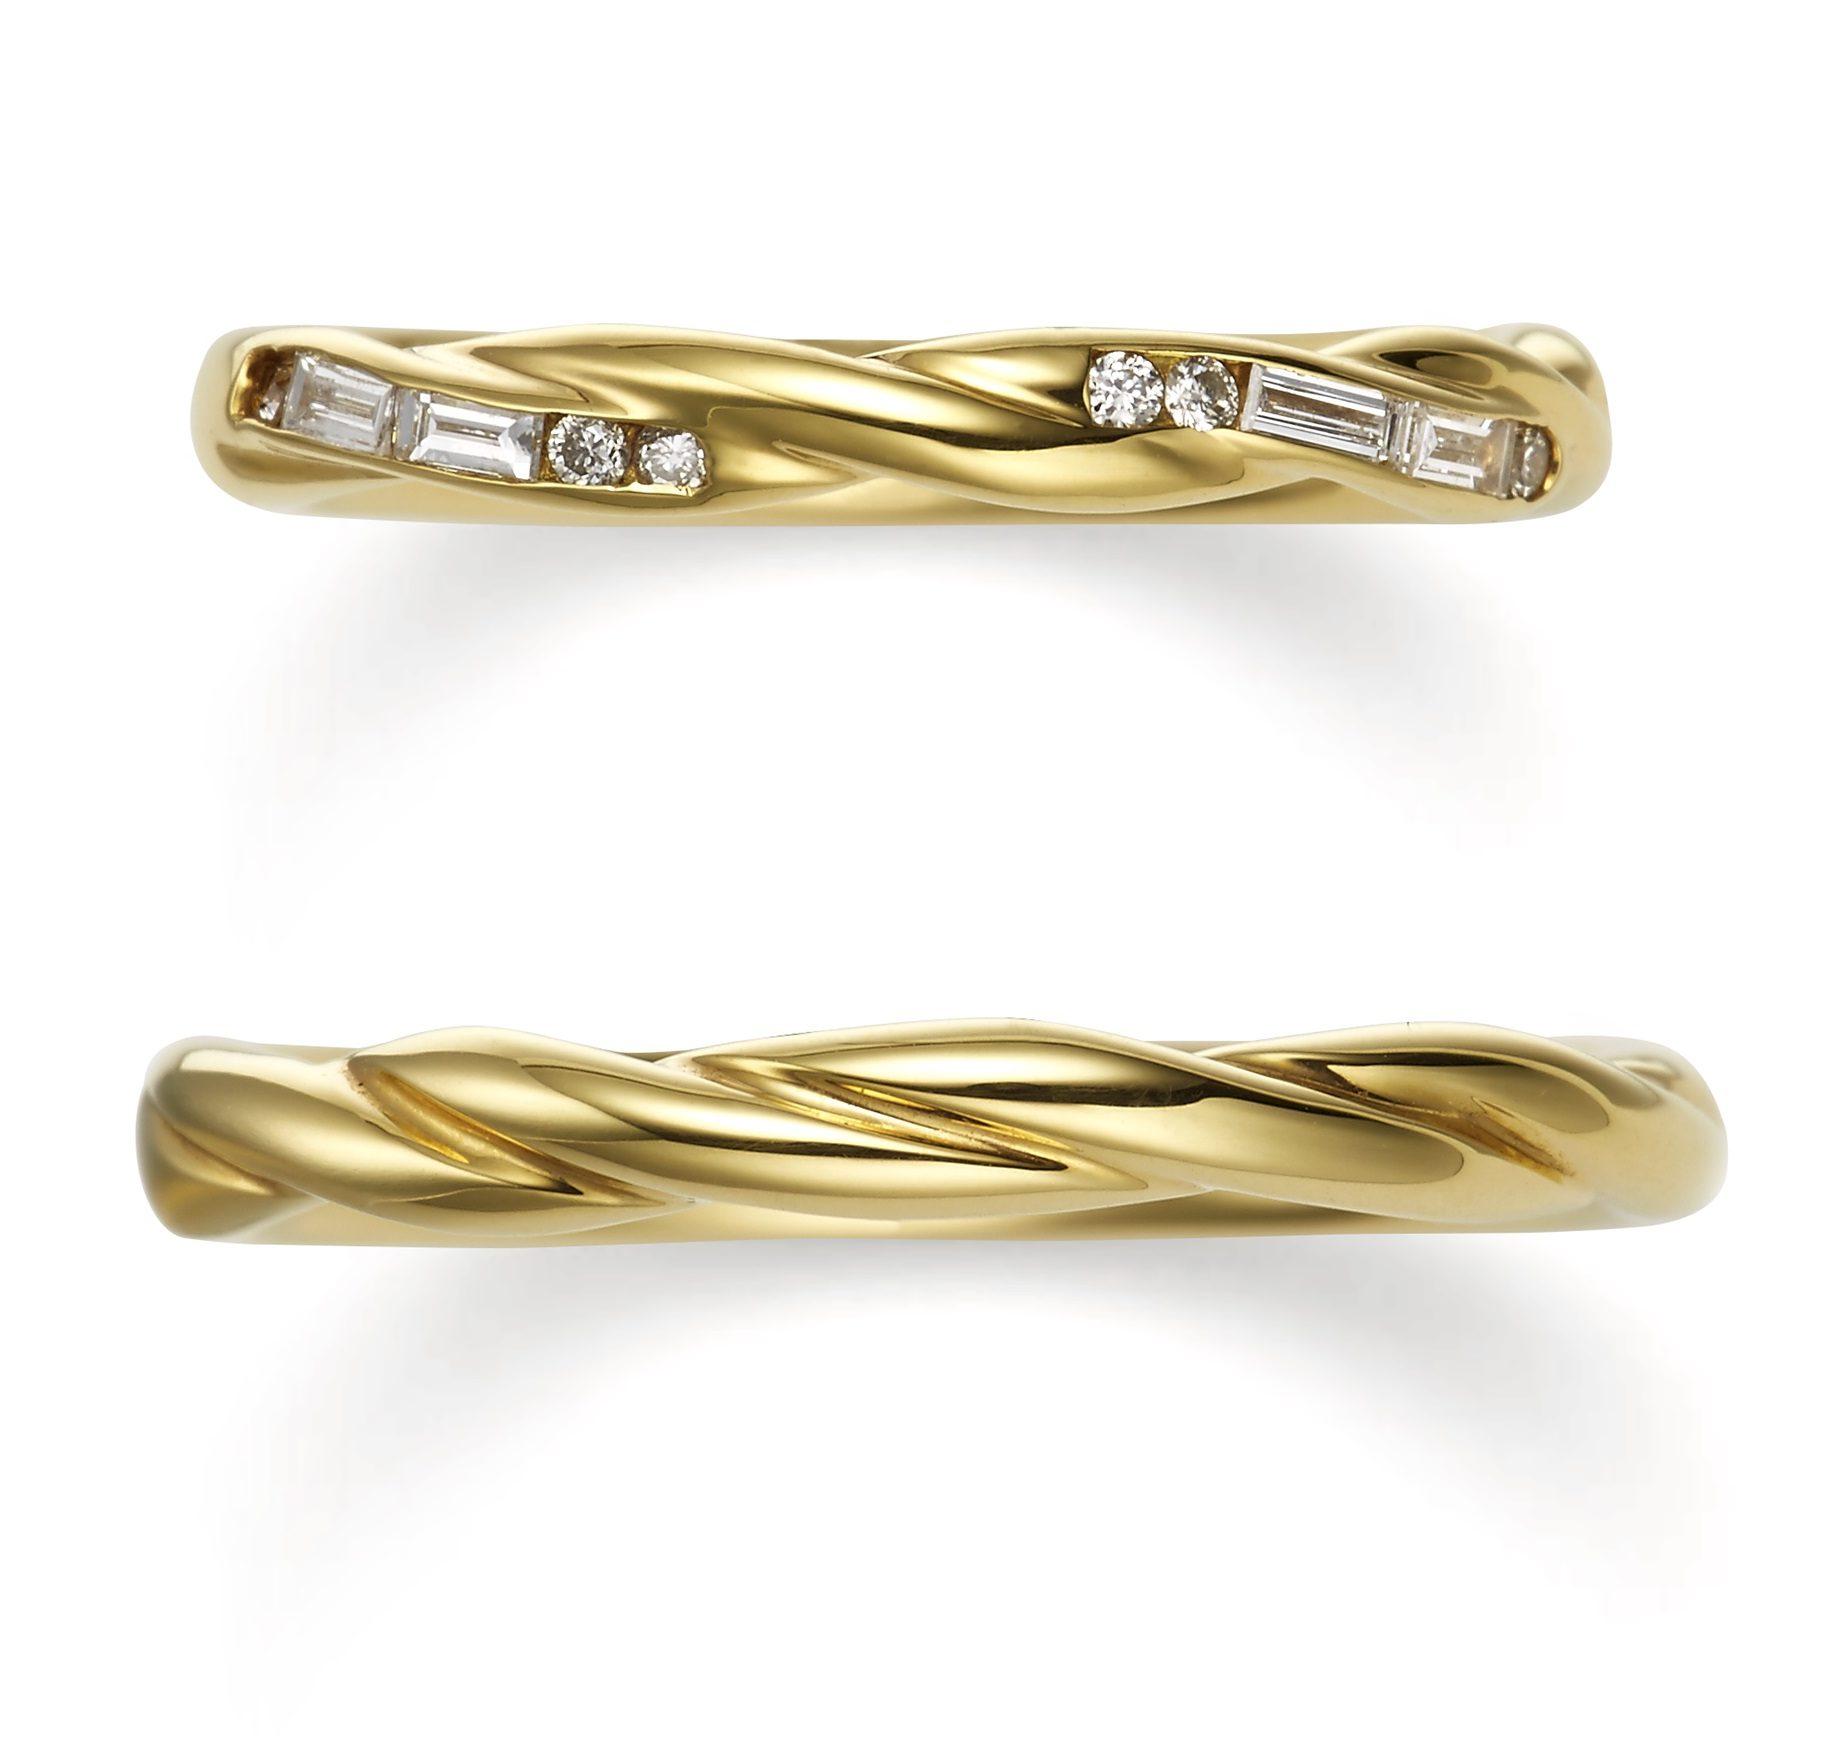 個性的 結婚指輪のクローブ